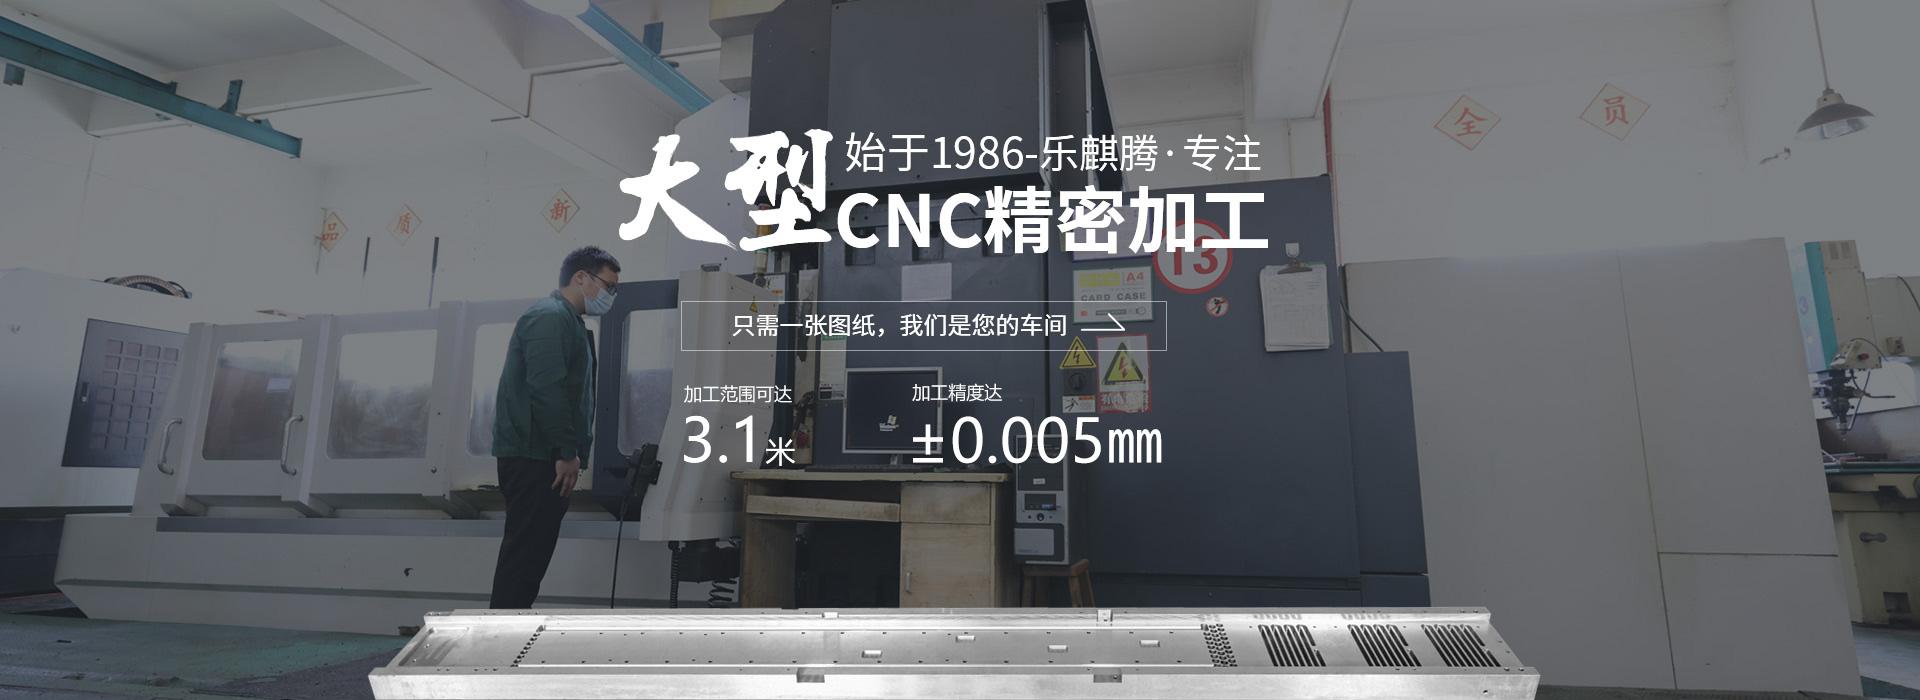 乐麒腾-专注大型CNC精密加工